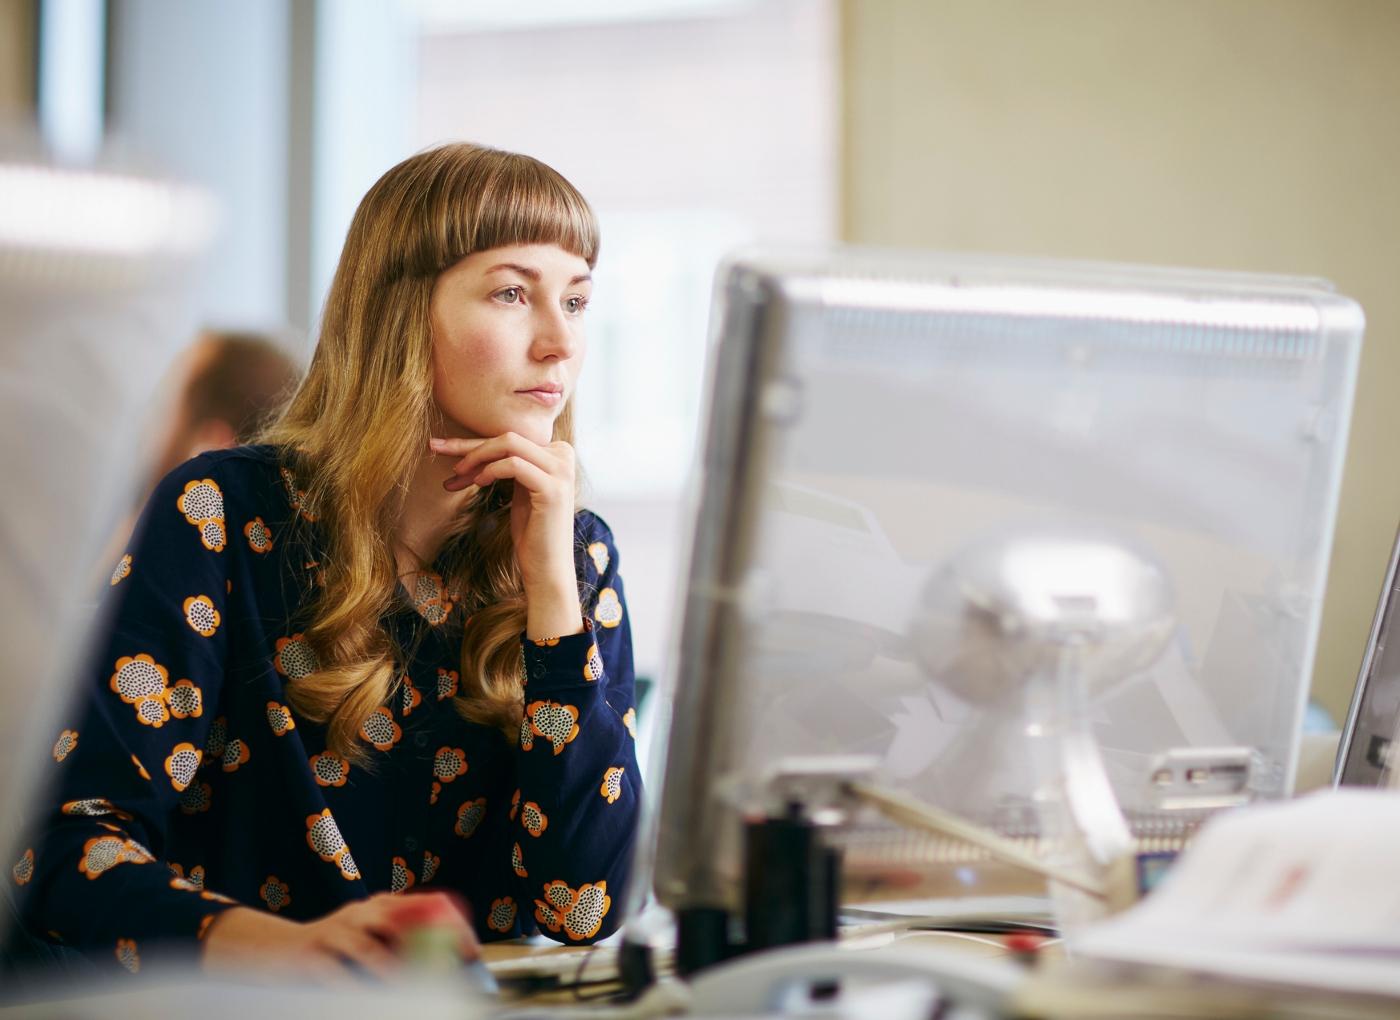 Workaholic: mulher envolvida no trabalho